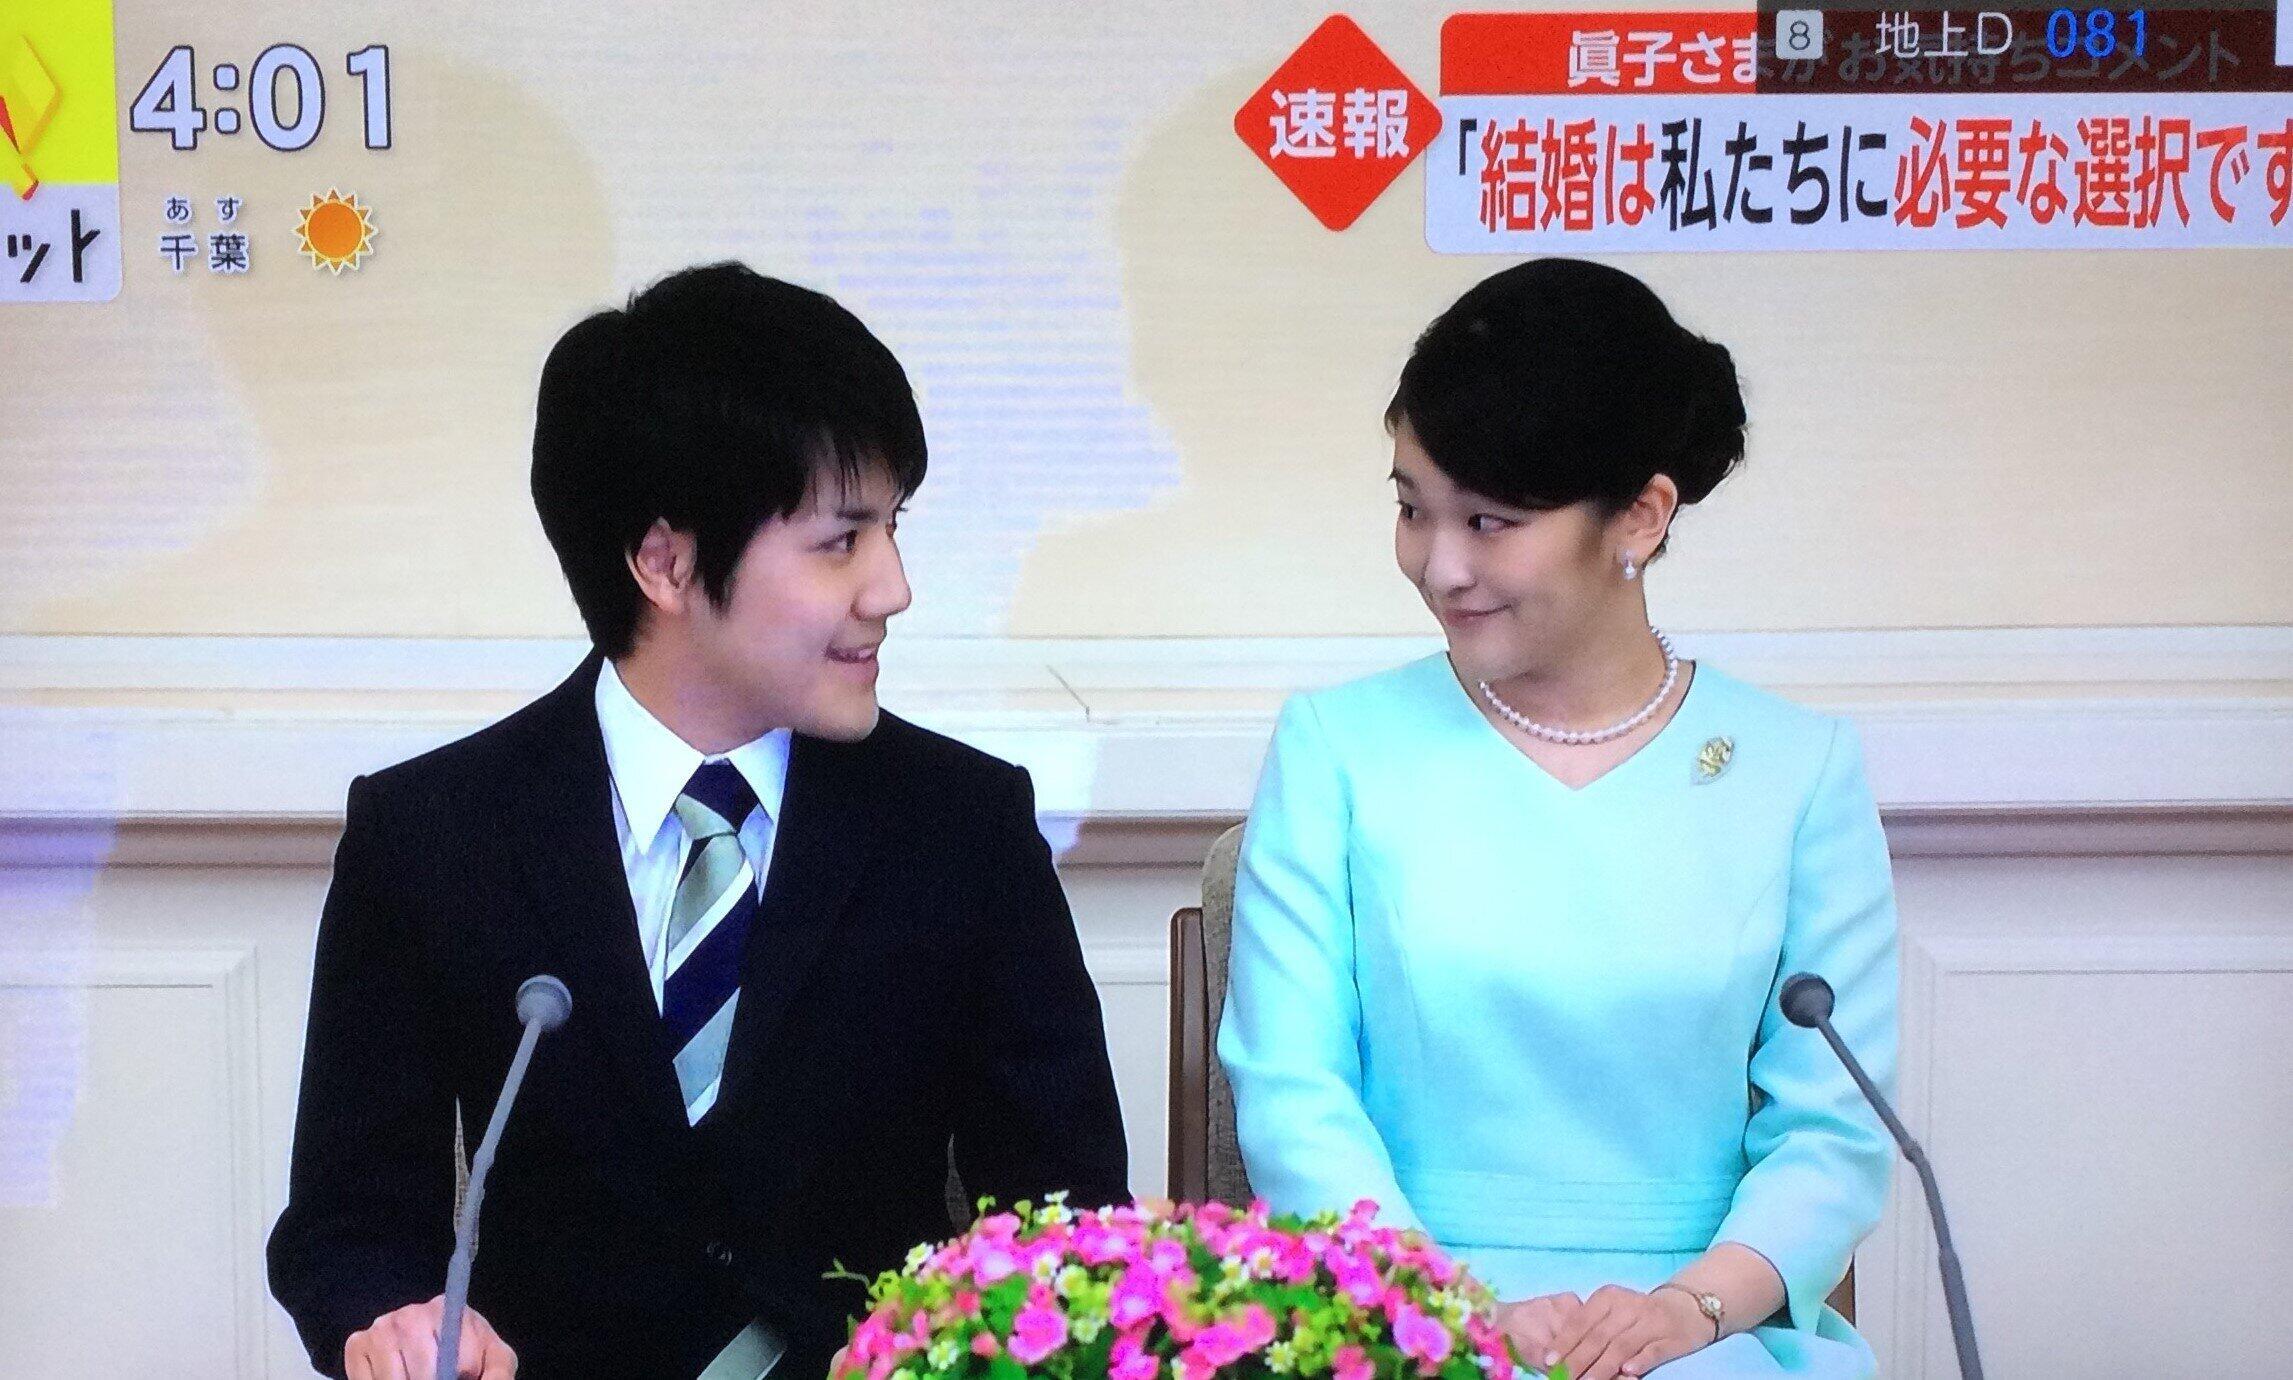 「結婚の意思」の文書を発表した眞子さんと小室圭(フジテレビより)